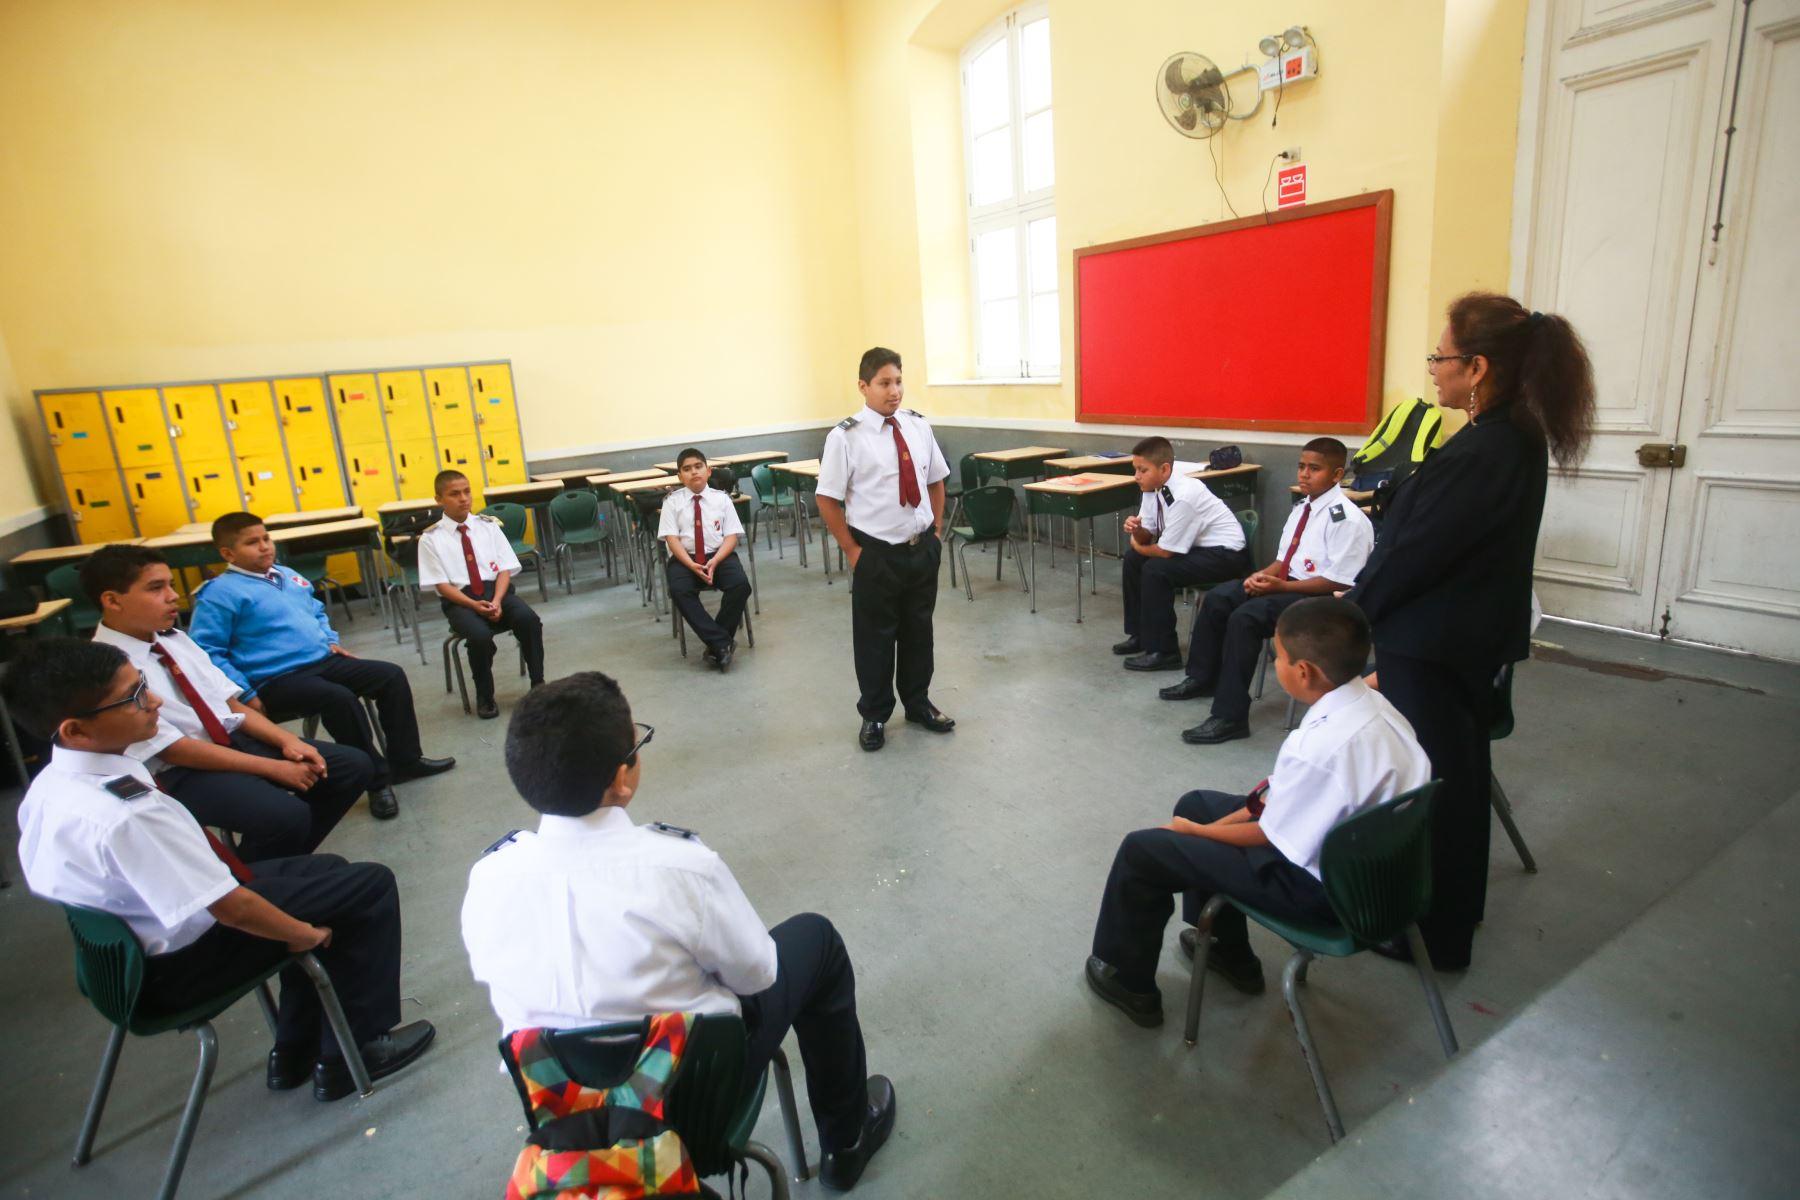 Inicio del año escolar 2018 en el colegio Guadalupe. Foto: ANDINA/Jhony Laurente